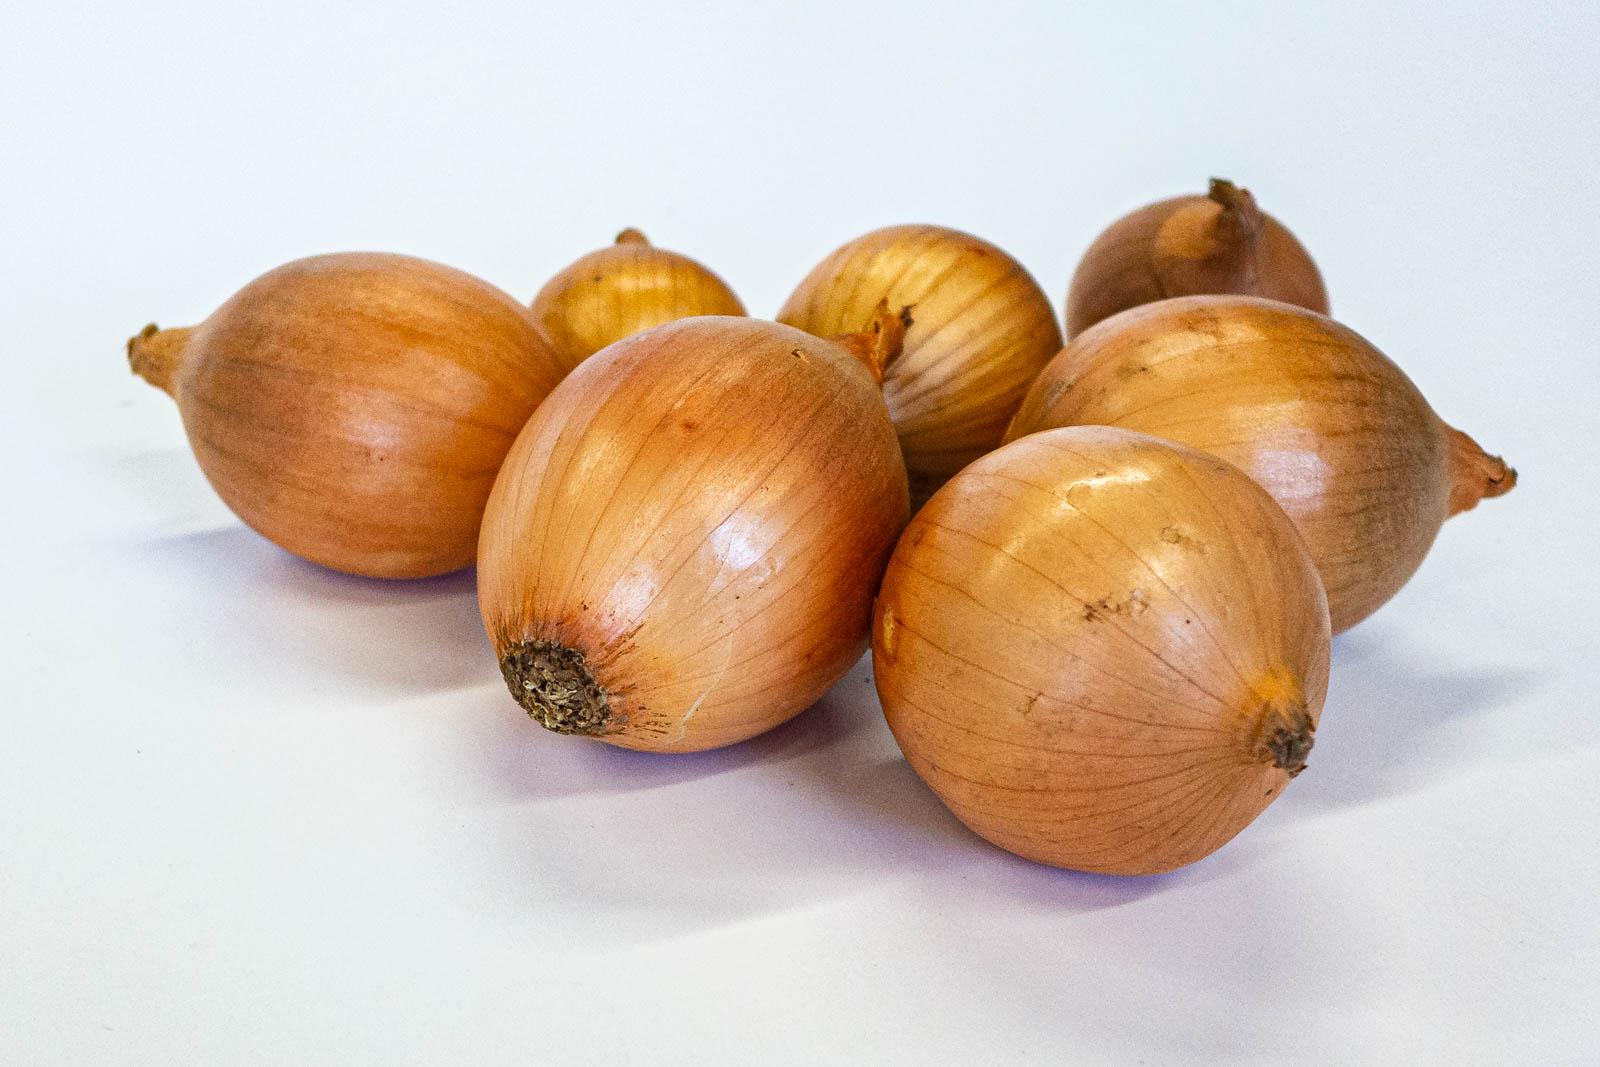 Saucenzwiebeln